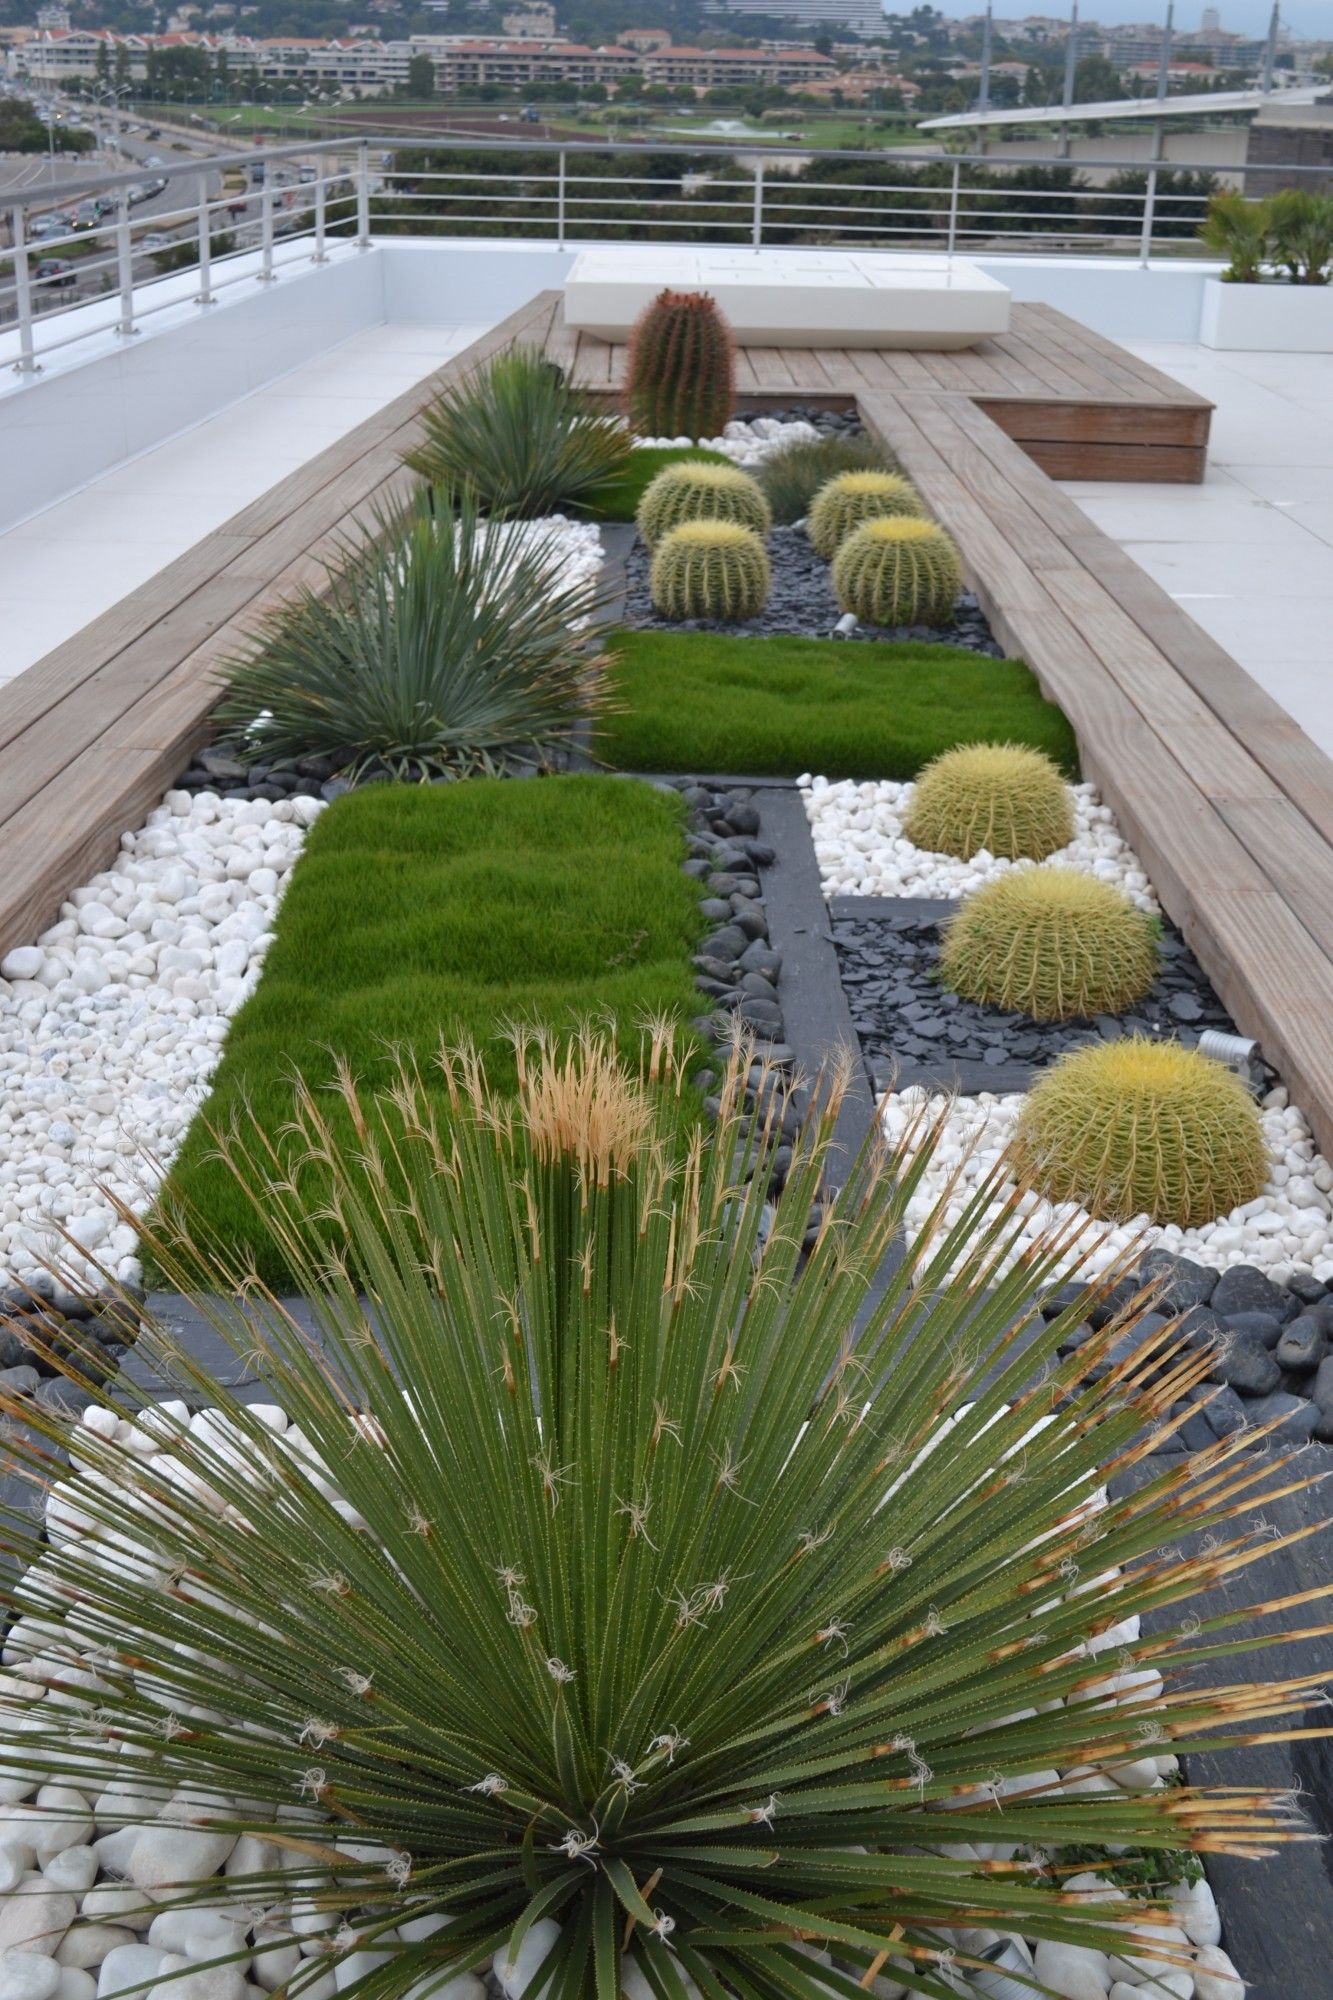 Les 25 meilleures id es de la cat gorie espace vert sur for Amenagement jardin paysager